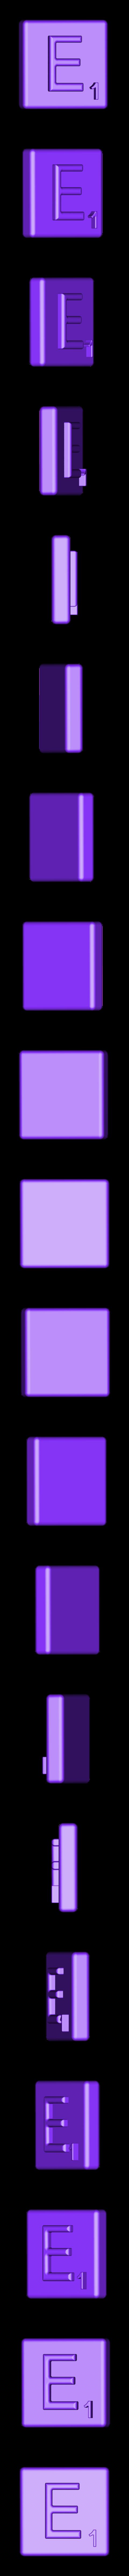 Single_Extruded_E.STL Télécharger fichier STL gratuit Pièces et support SCRABBBLE • Design pour imprimante 3D, Balkhagal4D